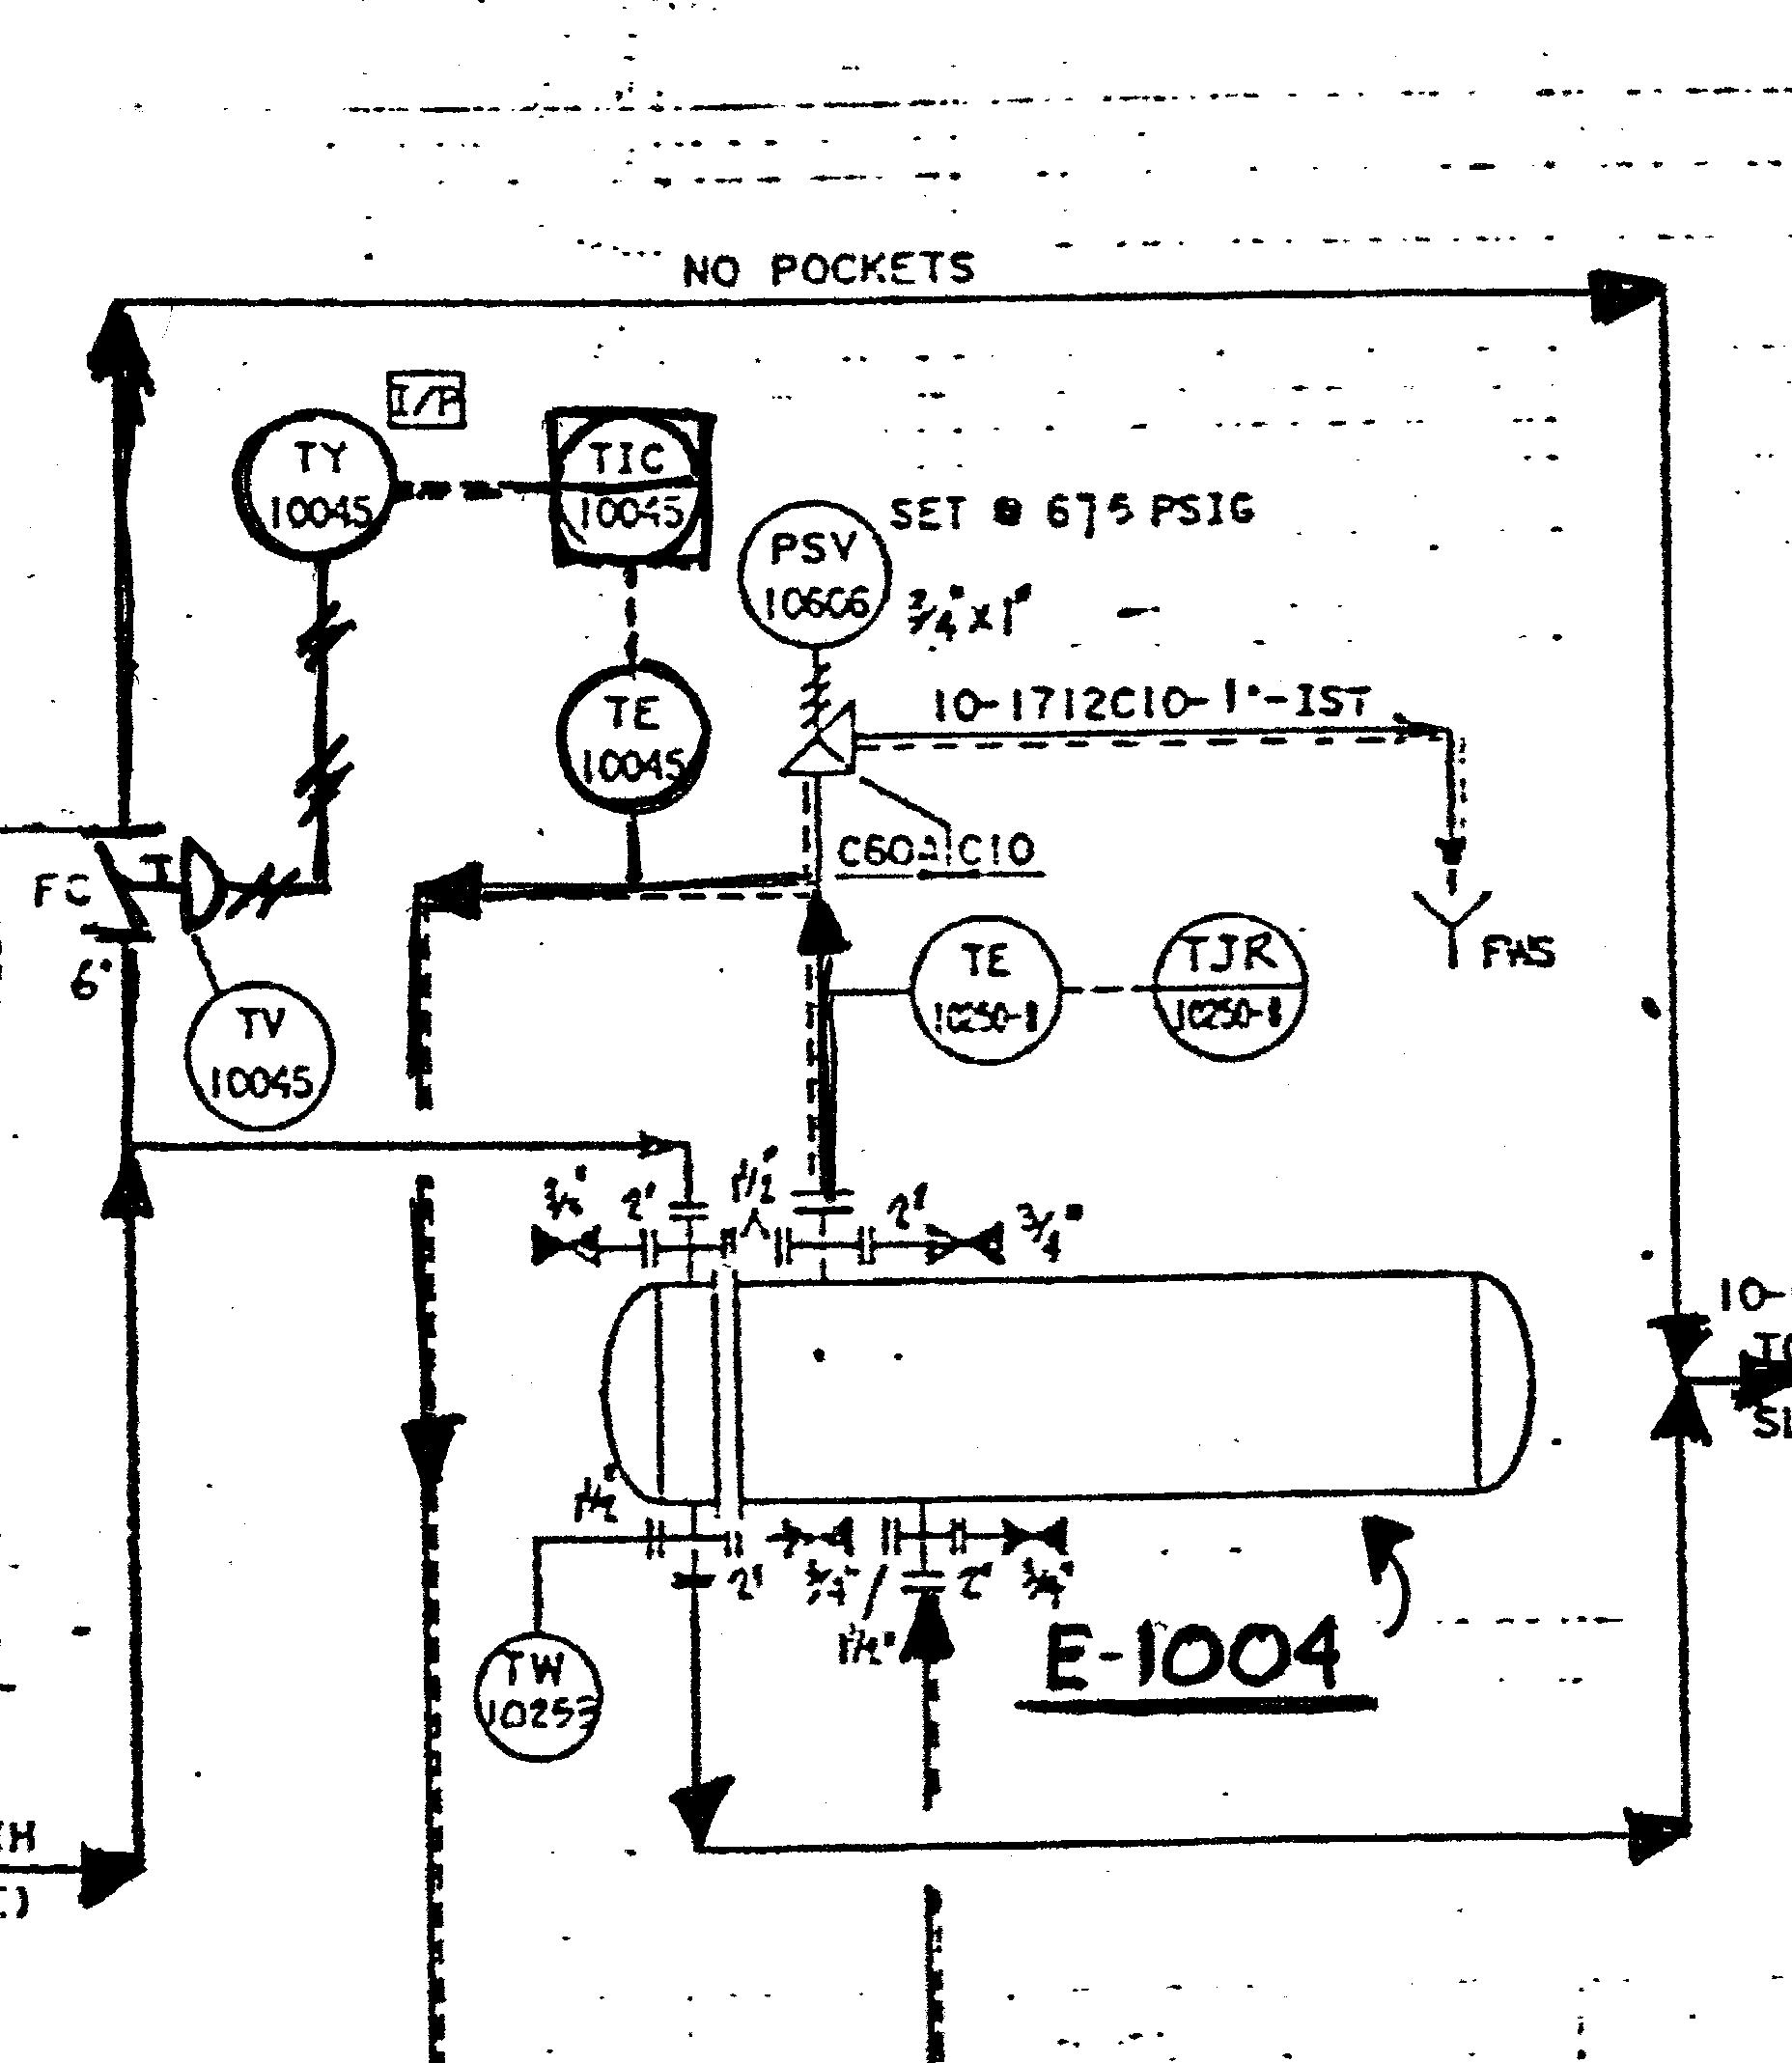 Process Tech Amp Oper Acad Isa P Amp Id Symbols Evolve For Dcs